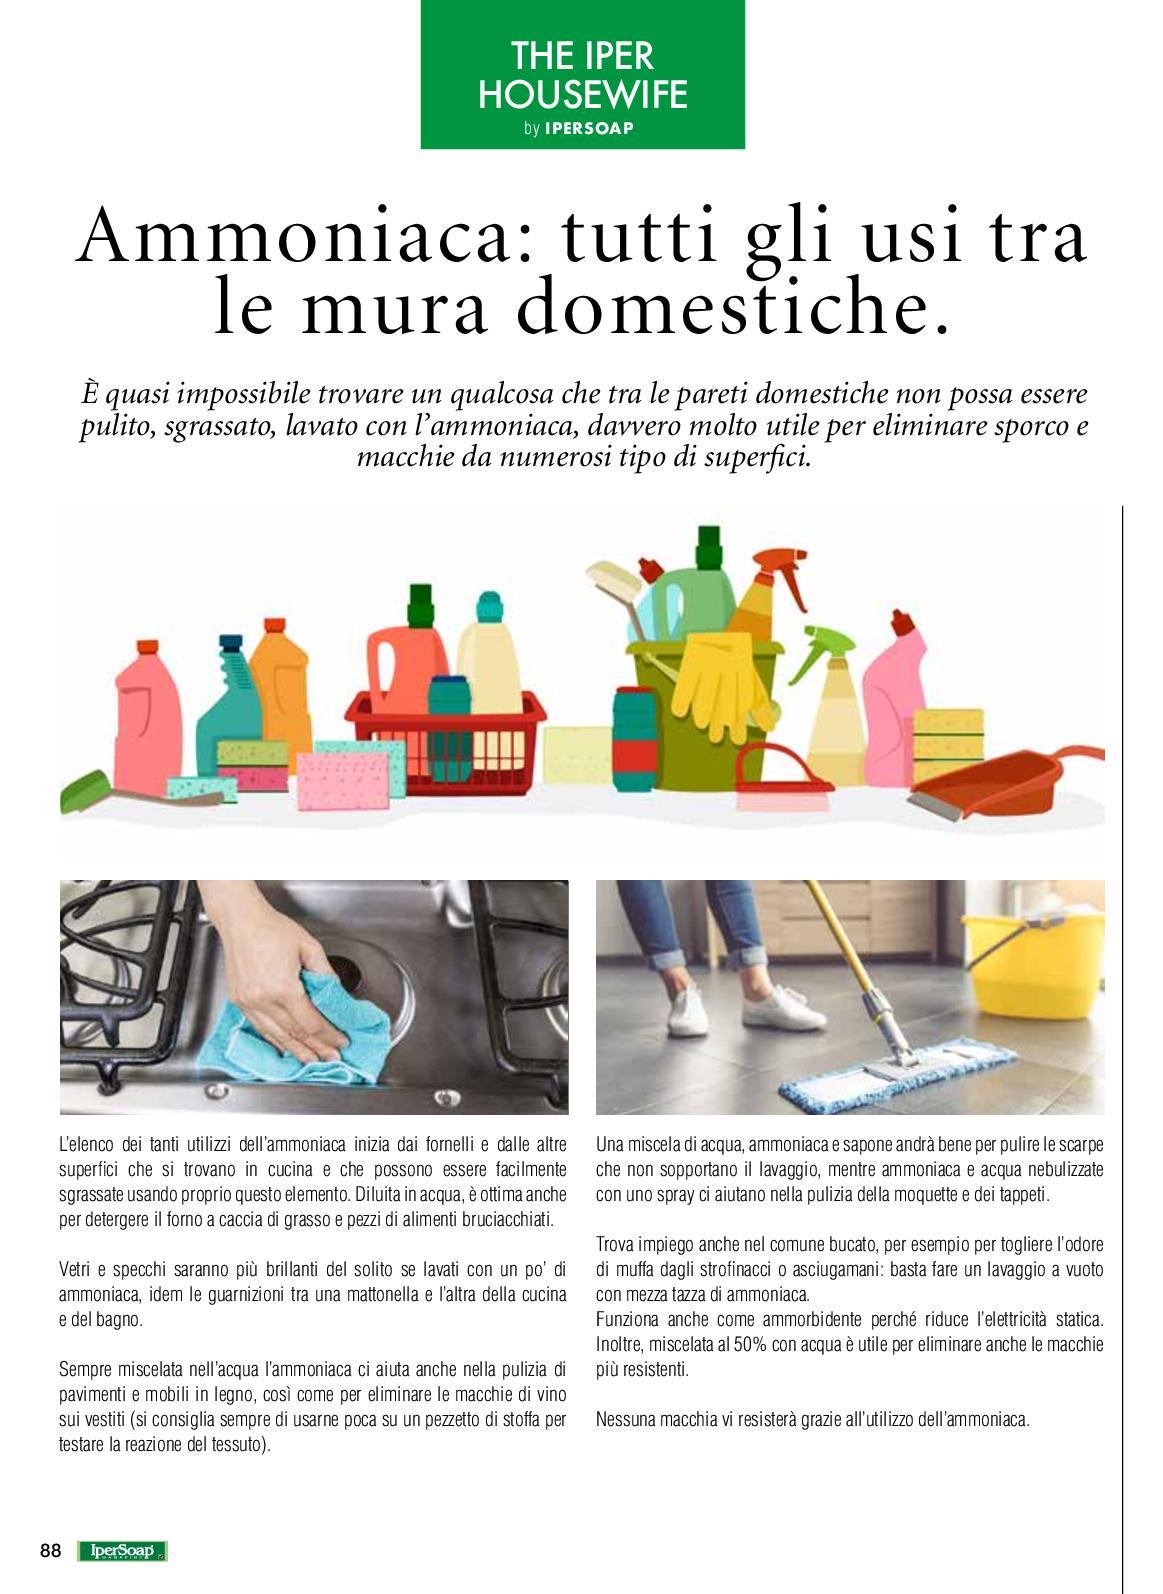 Miscela Per Pulire Il Forno ipersoap magazine n°5 maggio 2019! - calameo downloader